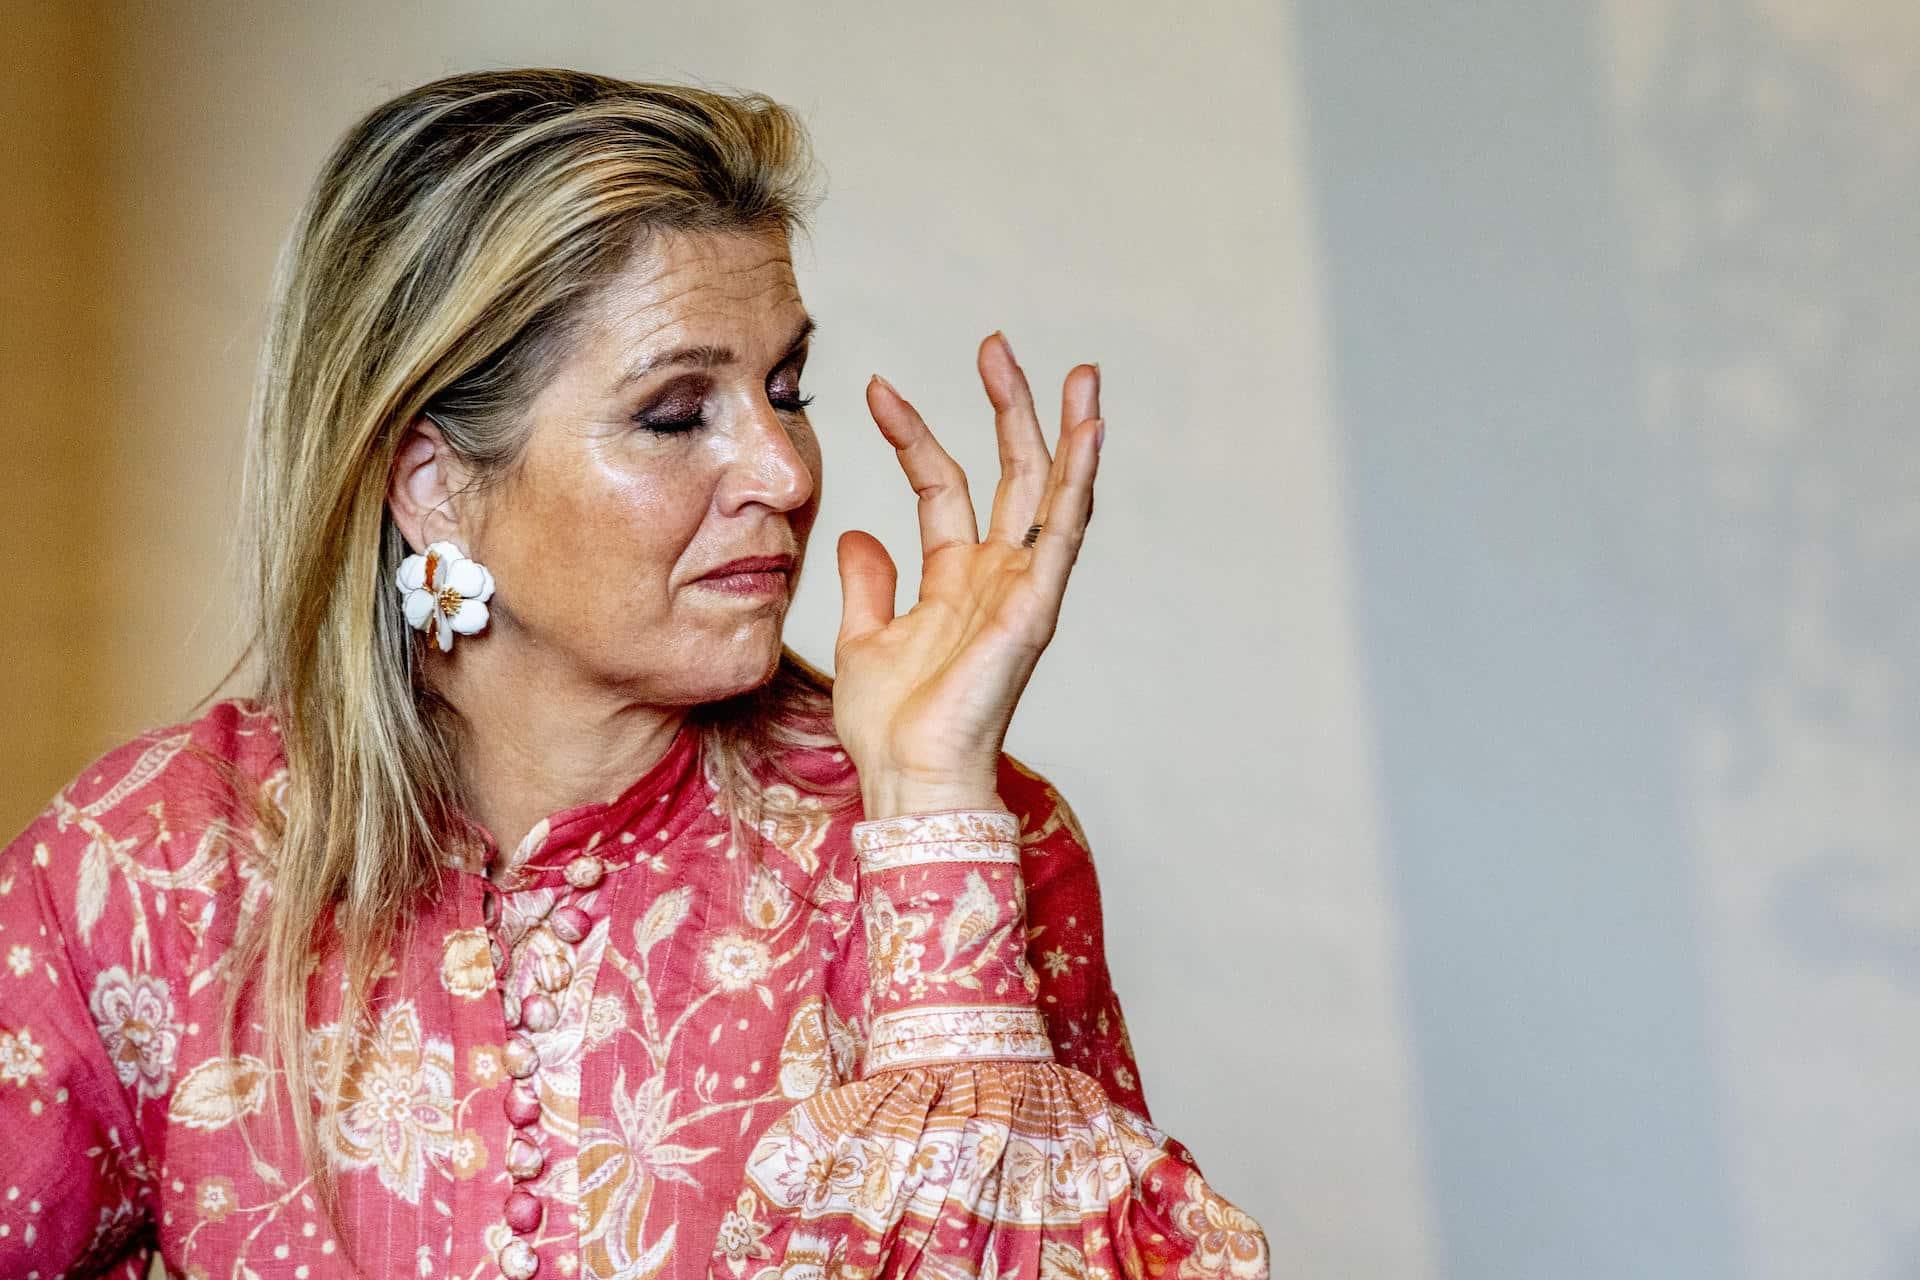 Königin Maxima: Hatte sie einen Wutanfall wegen eines Schleiers?